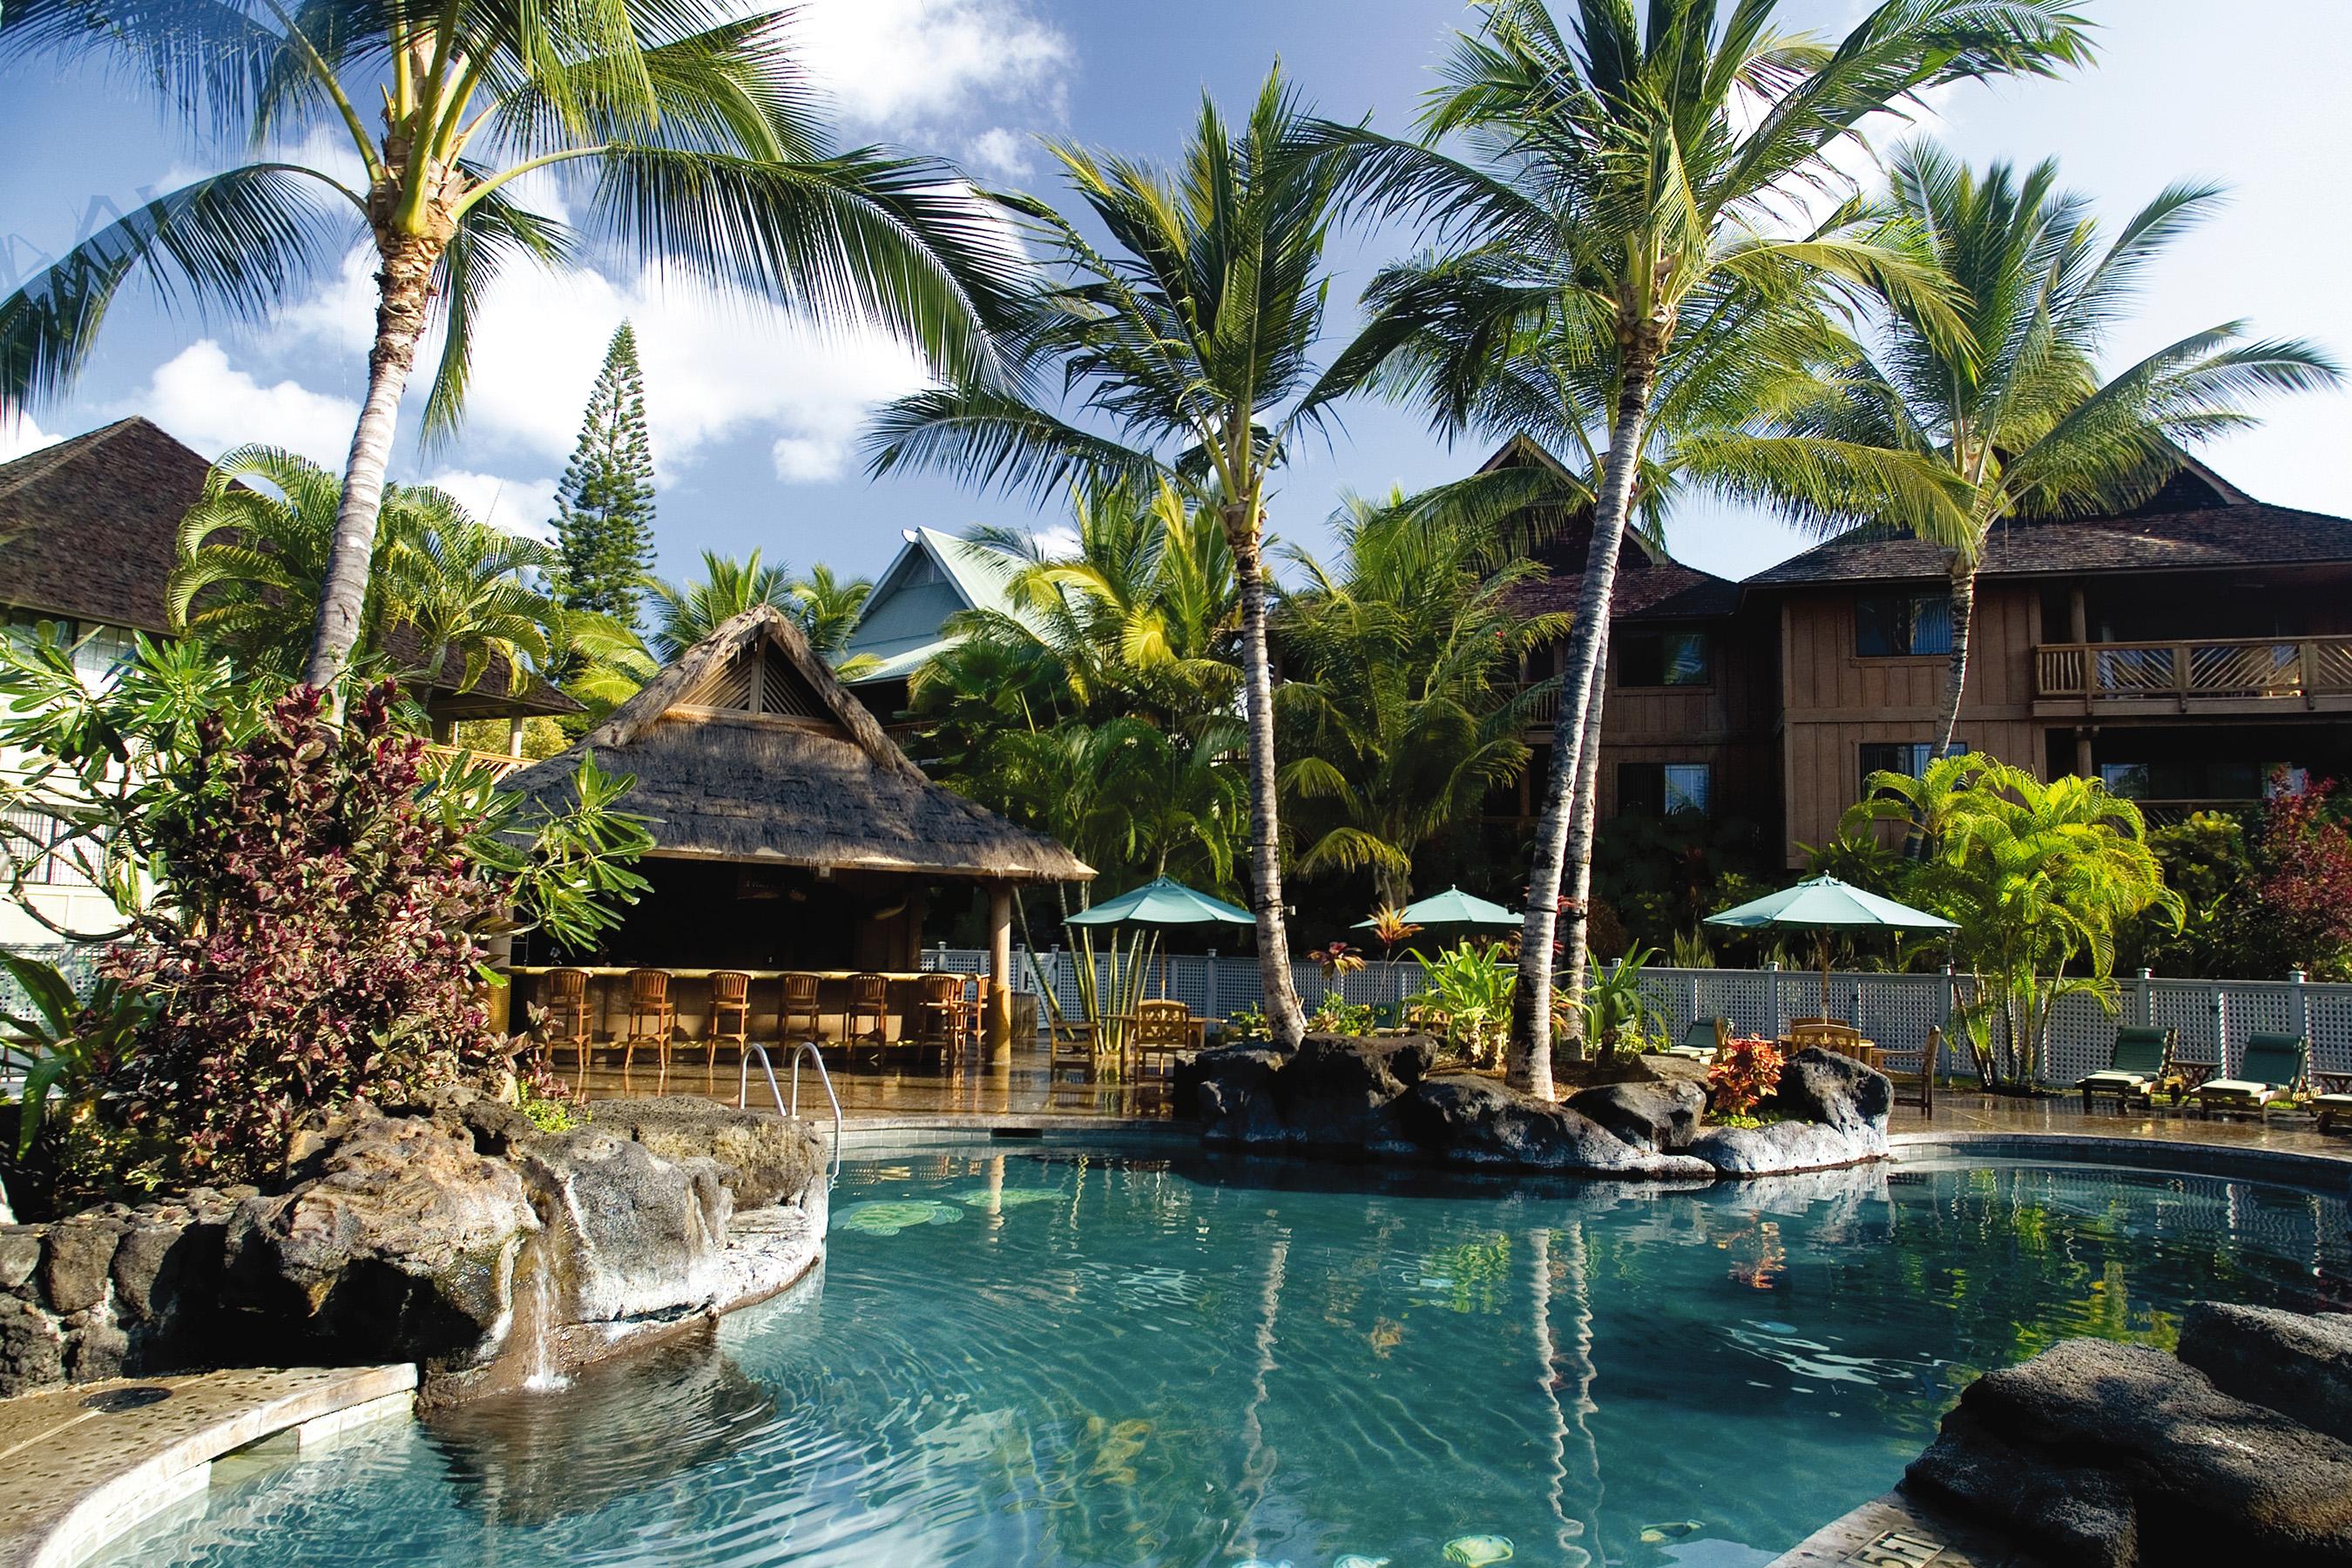 Wyndham Kona Hawaiian Resort - Kailua-Kona, Hawaii